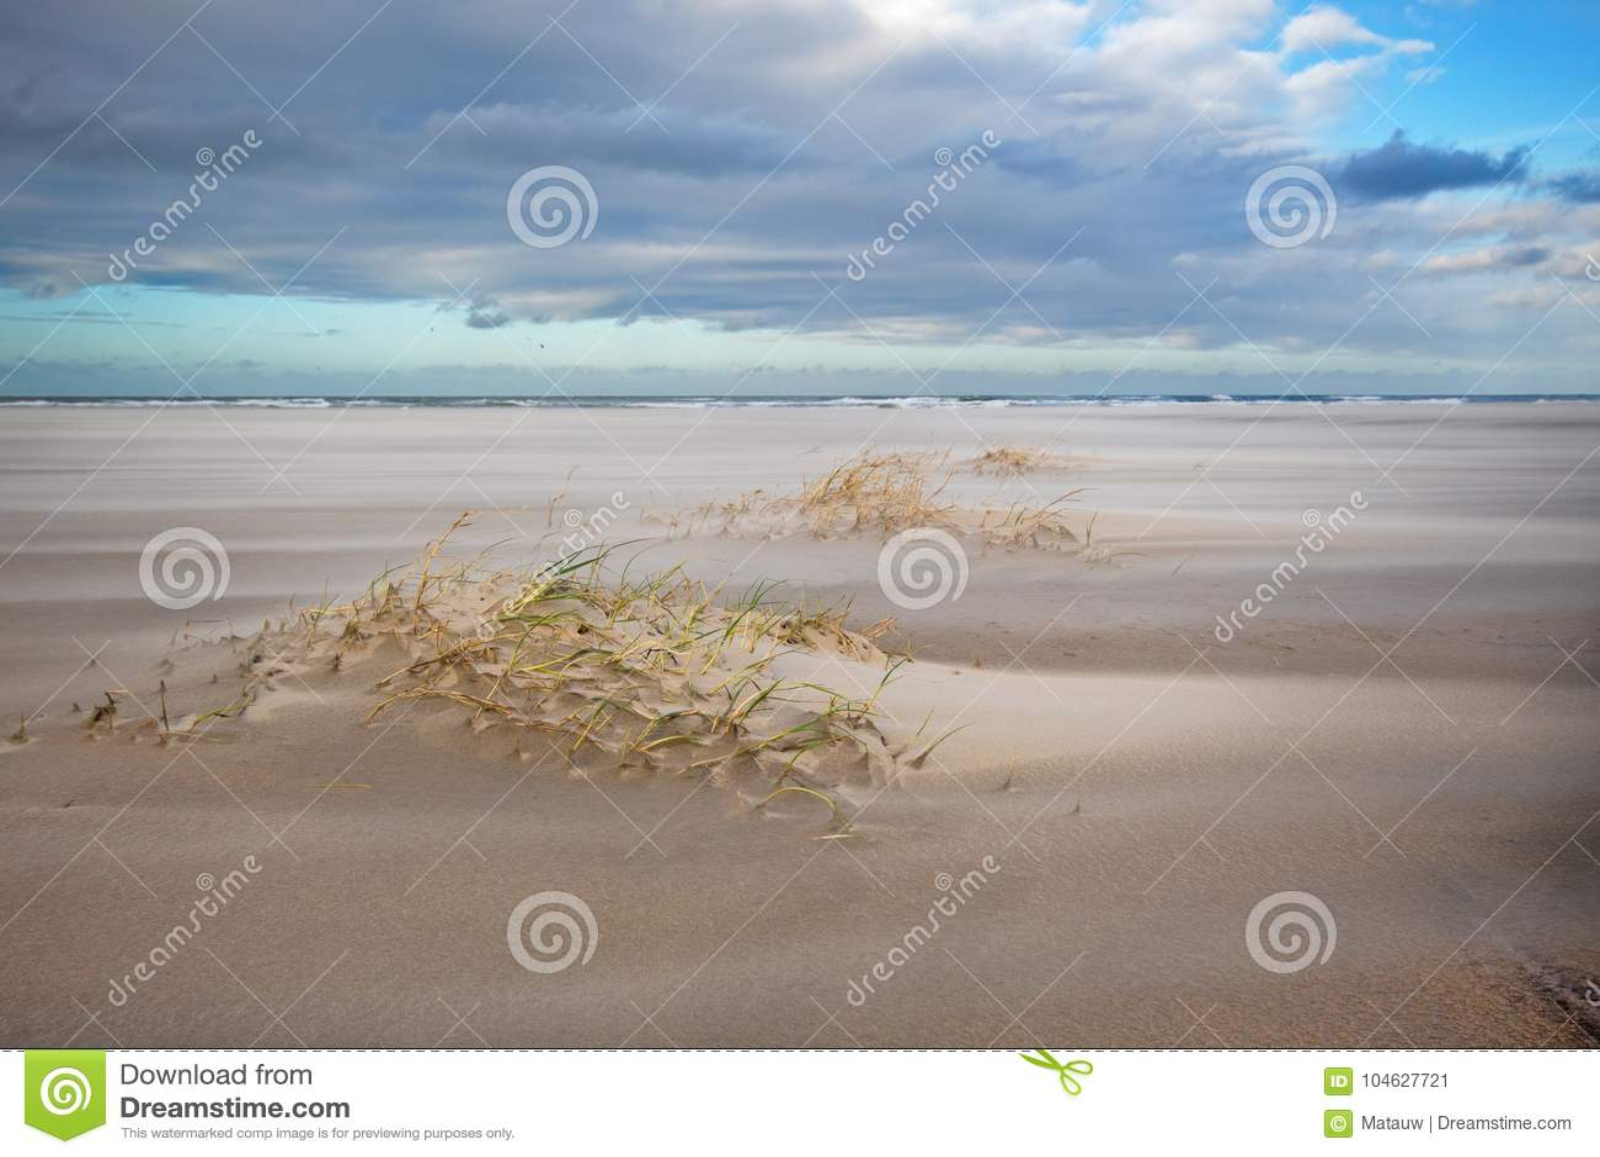 Download Zandlaag Op Stormachtig Strand Stock Afbeelding - Afbeelding bestaande uit duin, wind: 104627721